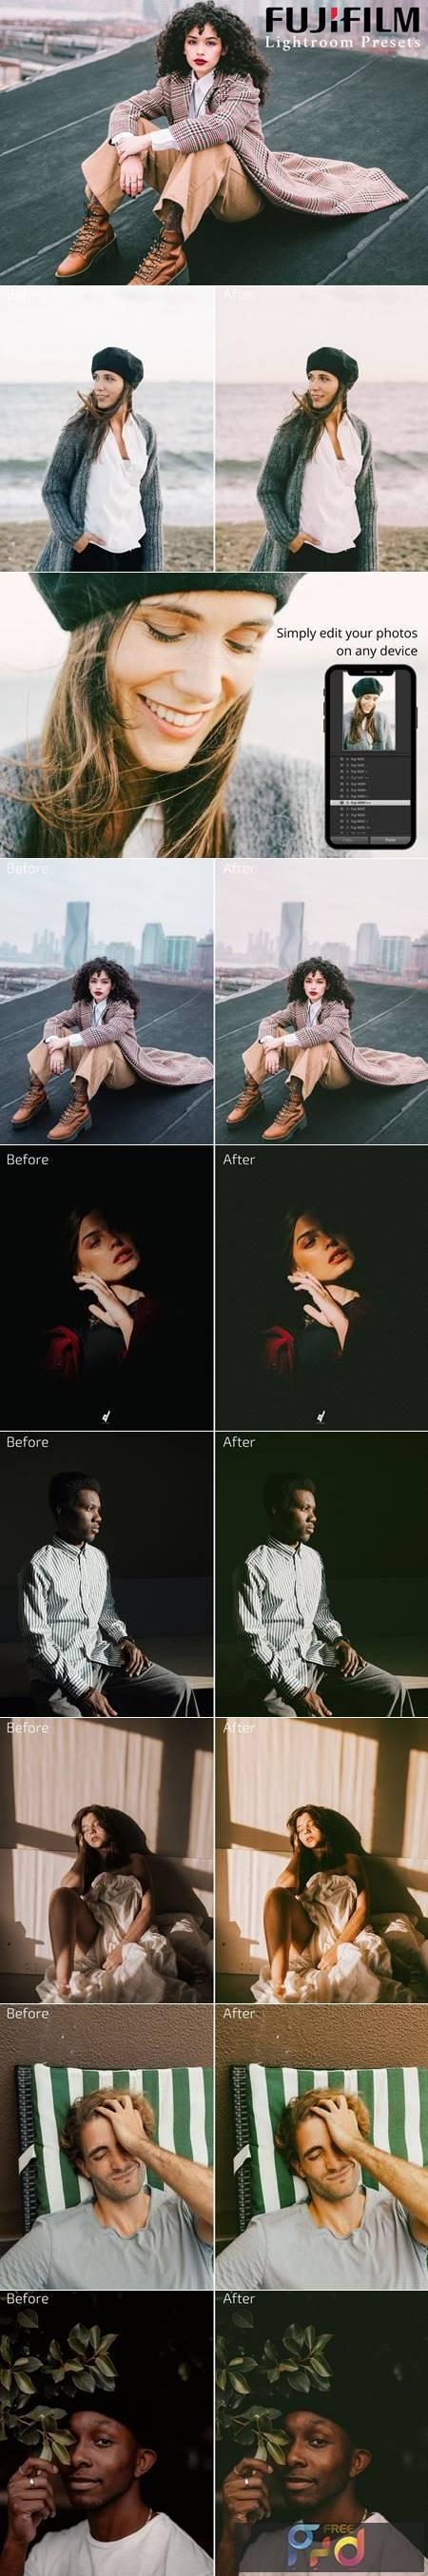 Fujifilm Lightroom Presets Bundle 5819223 1